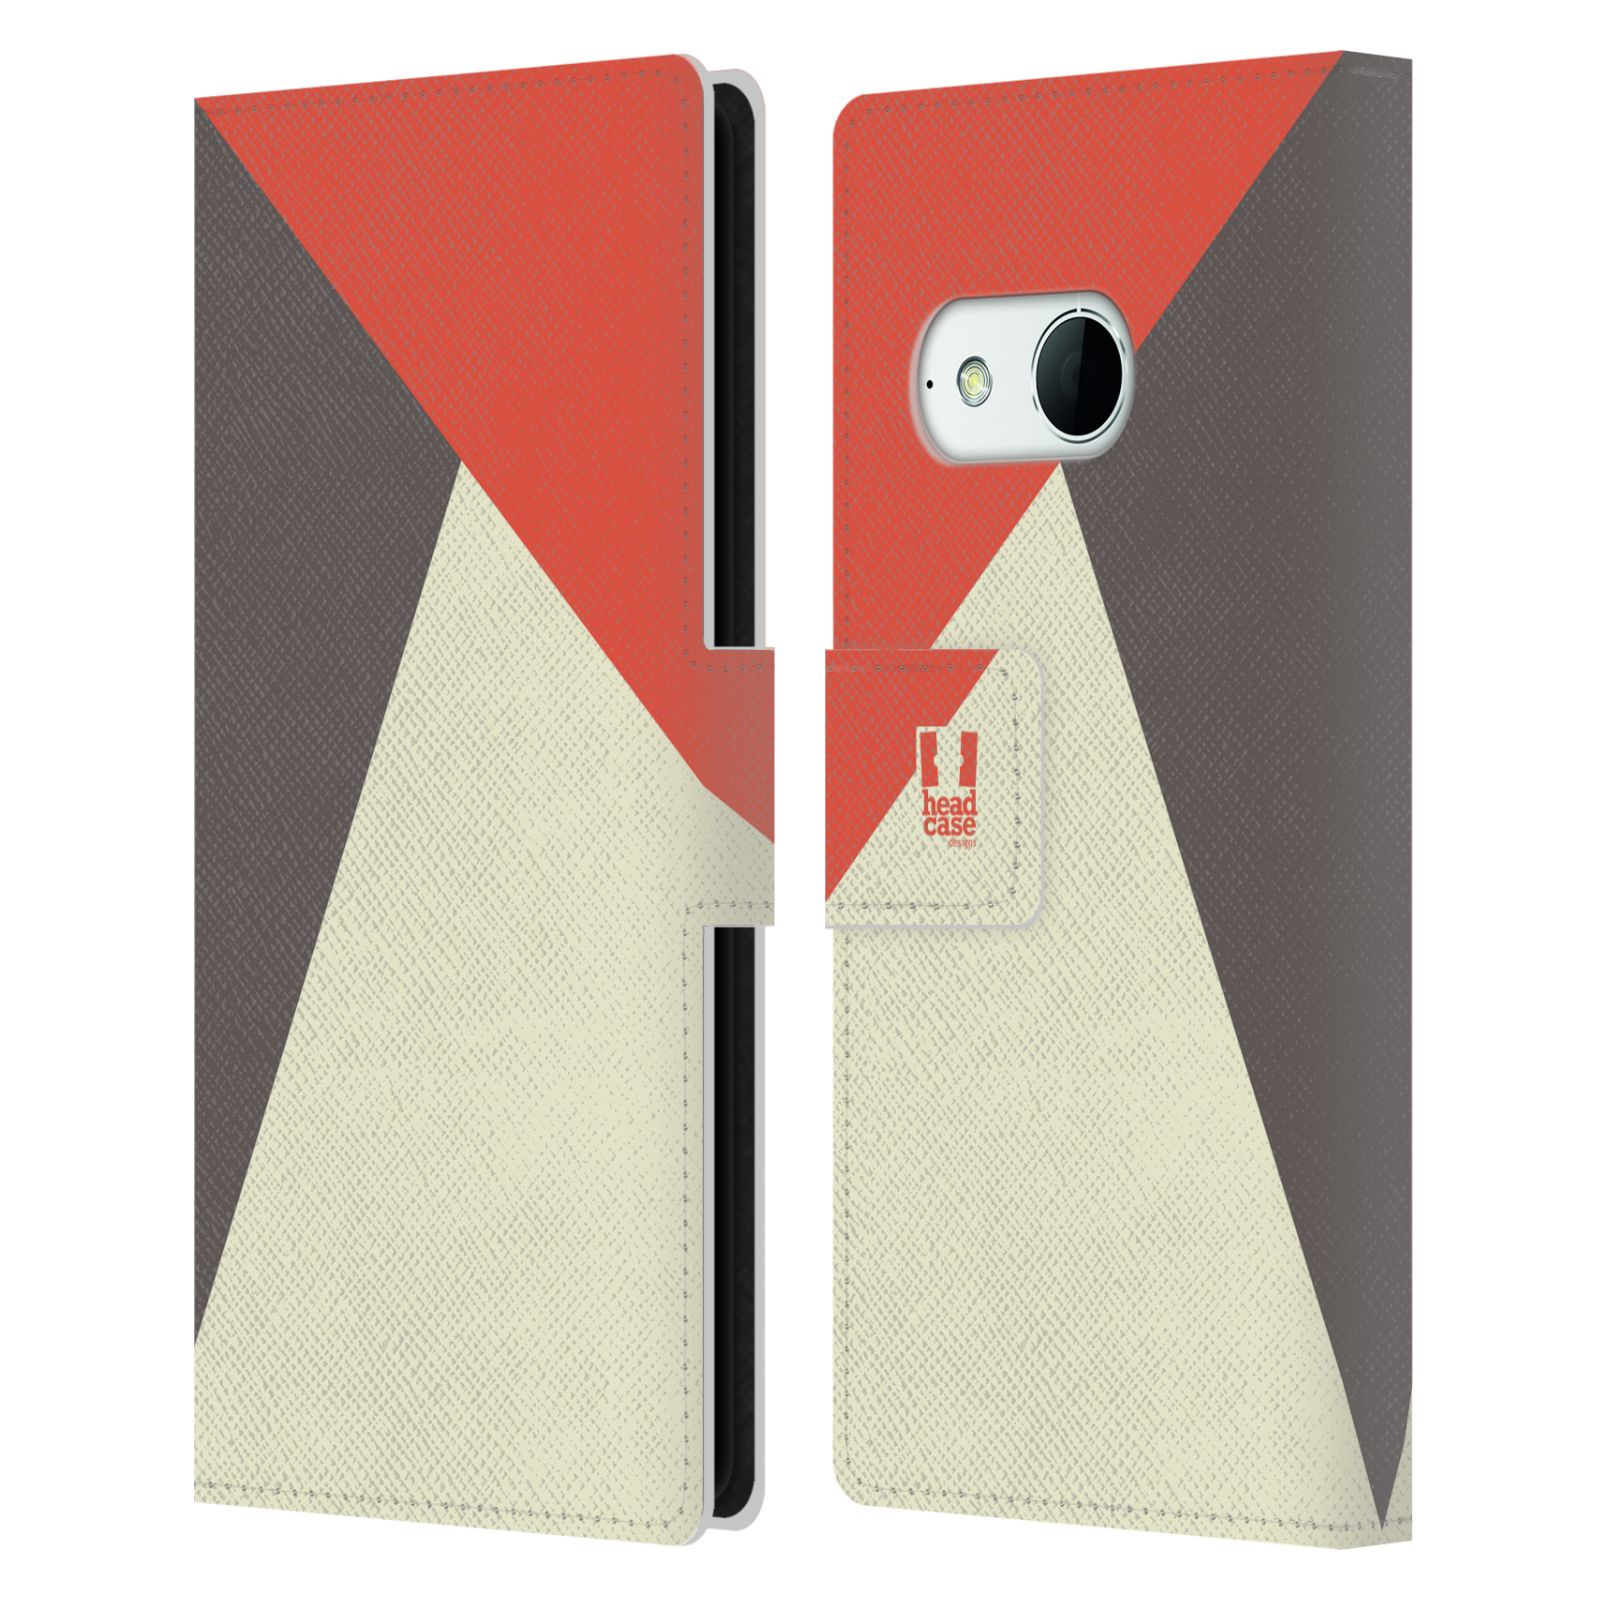 HEAD CASE Flipové pouzdro pro mobil HTC ONE MINI 2 barevné tvary červená a šedá COOL